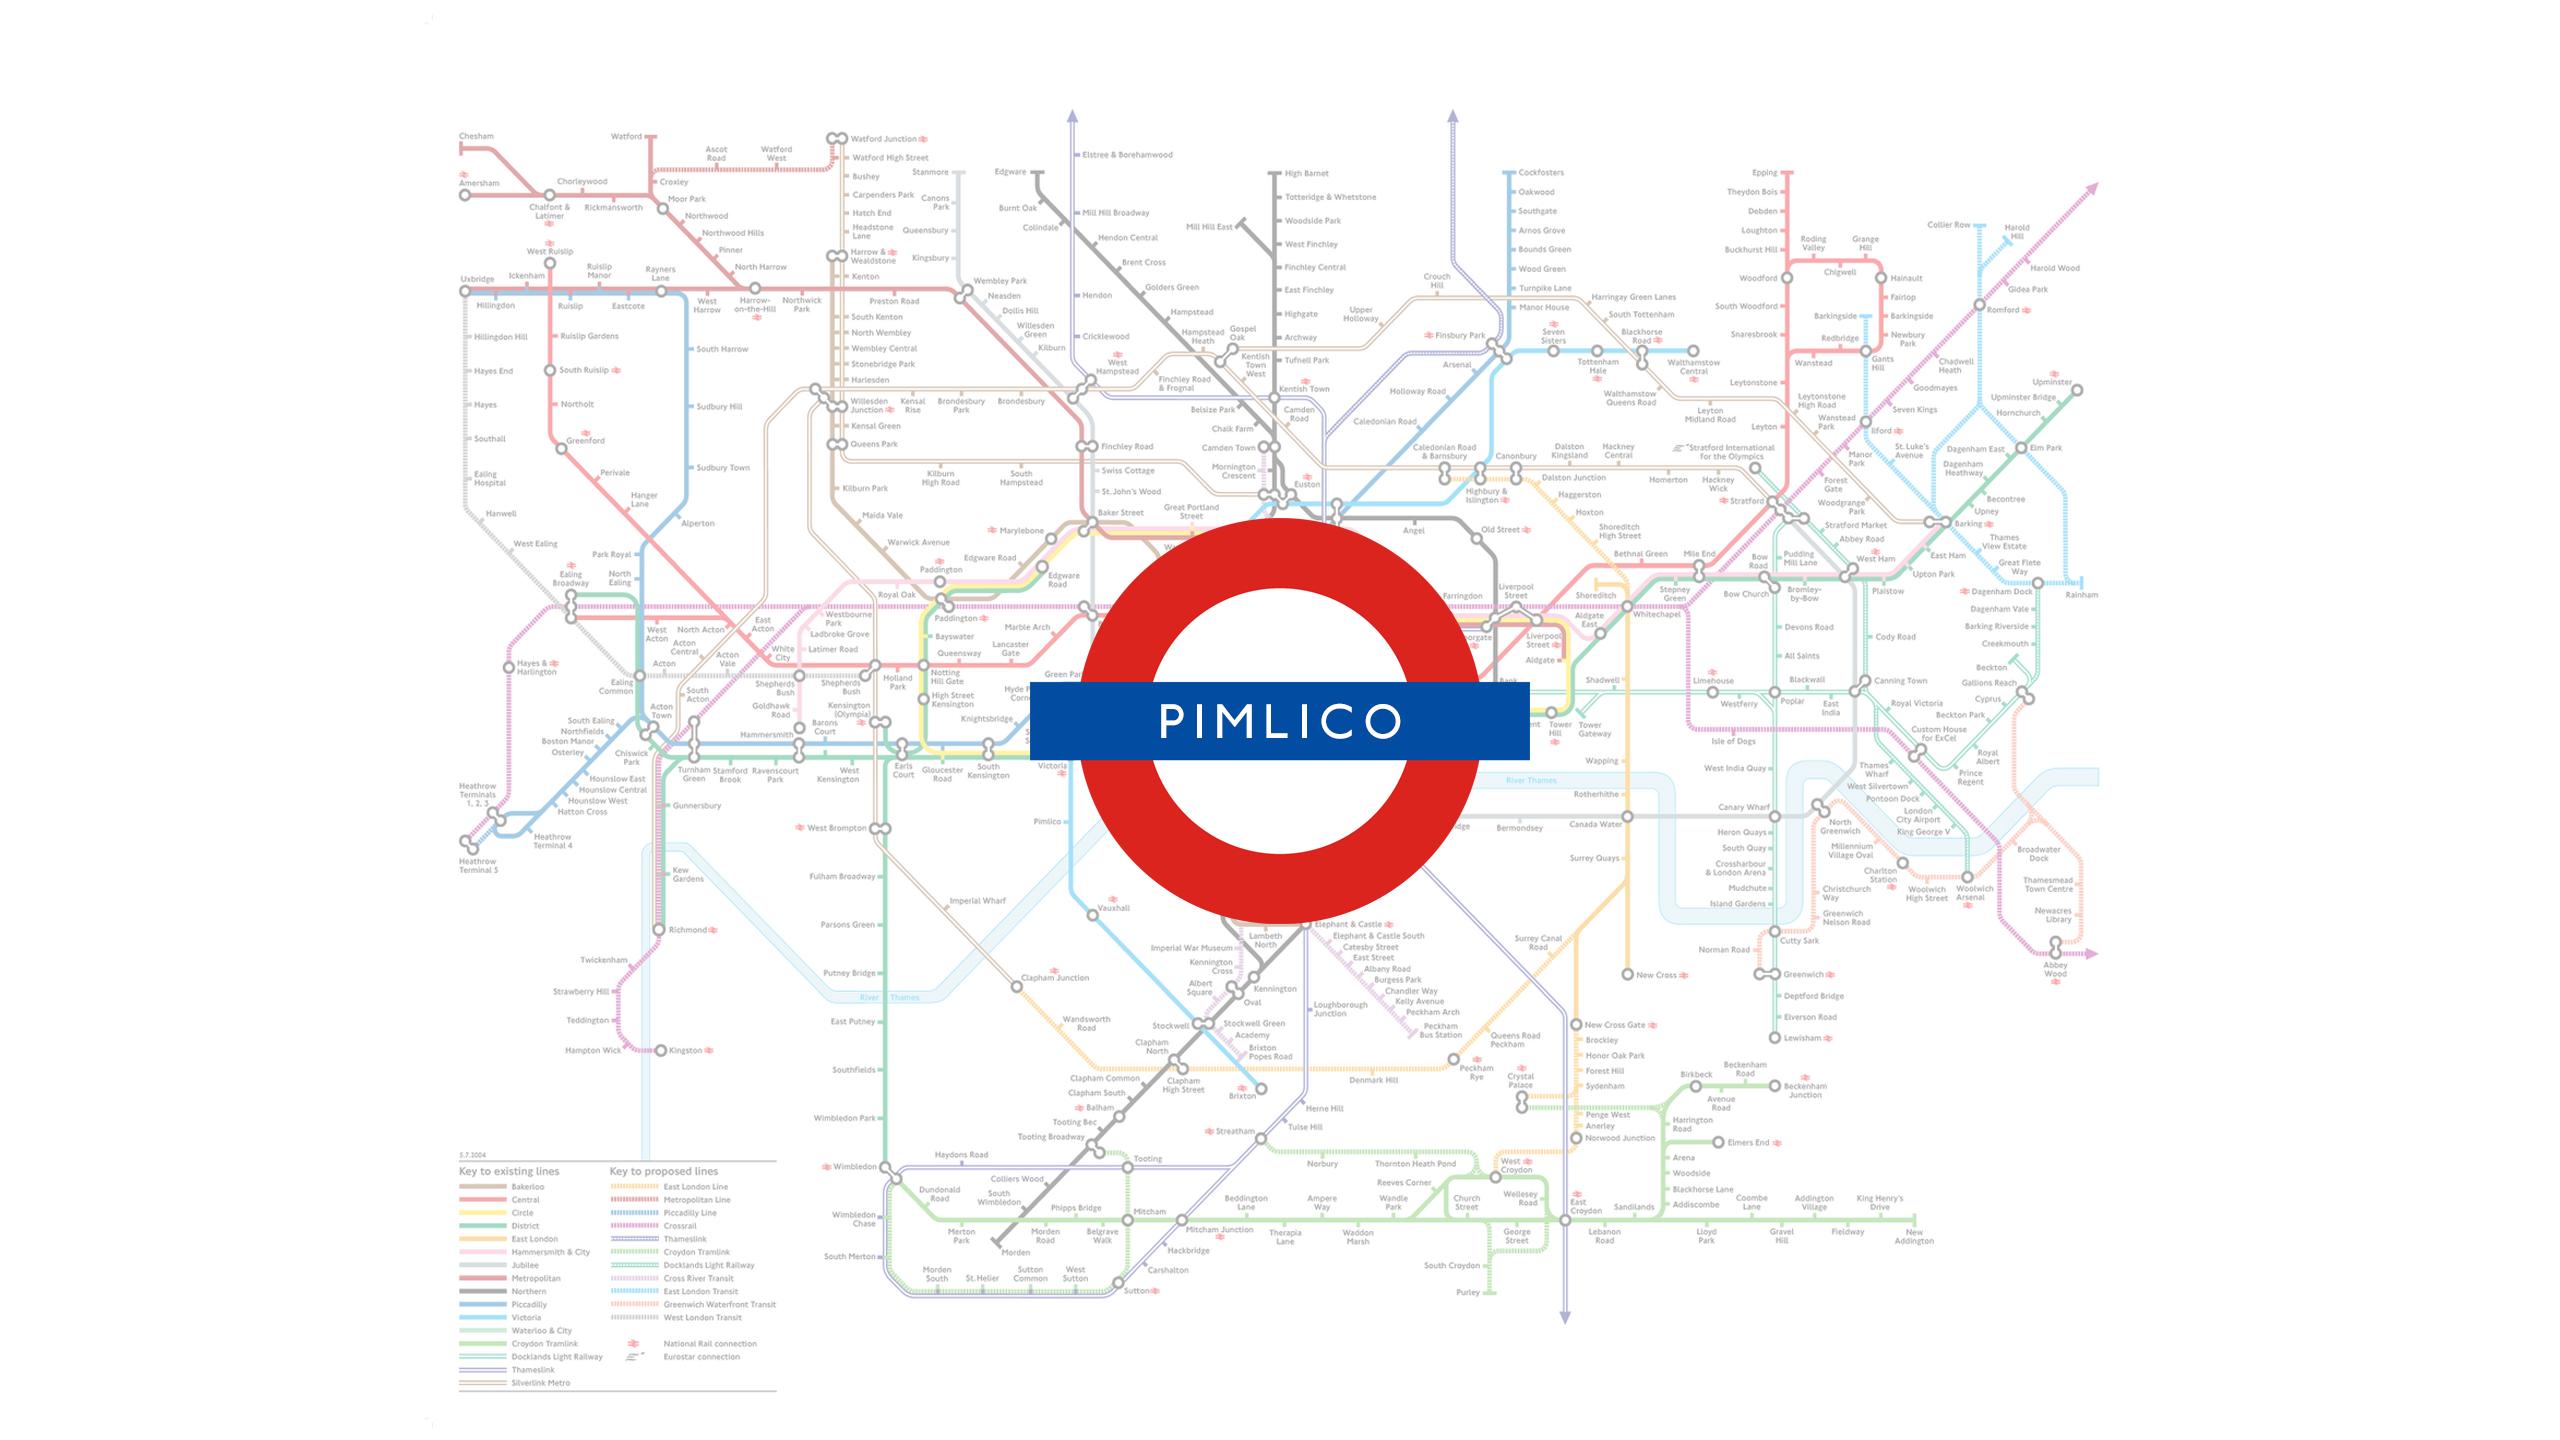 Pimlico (Map)